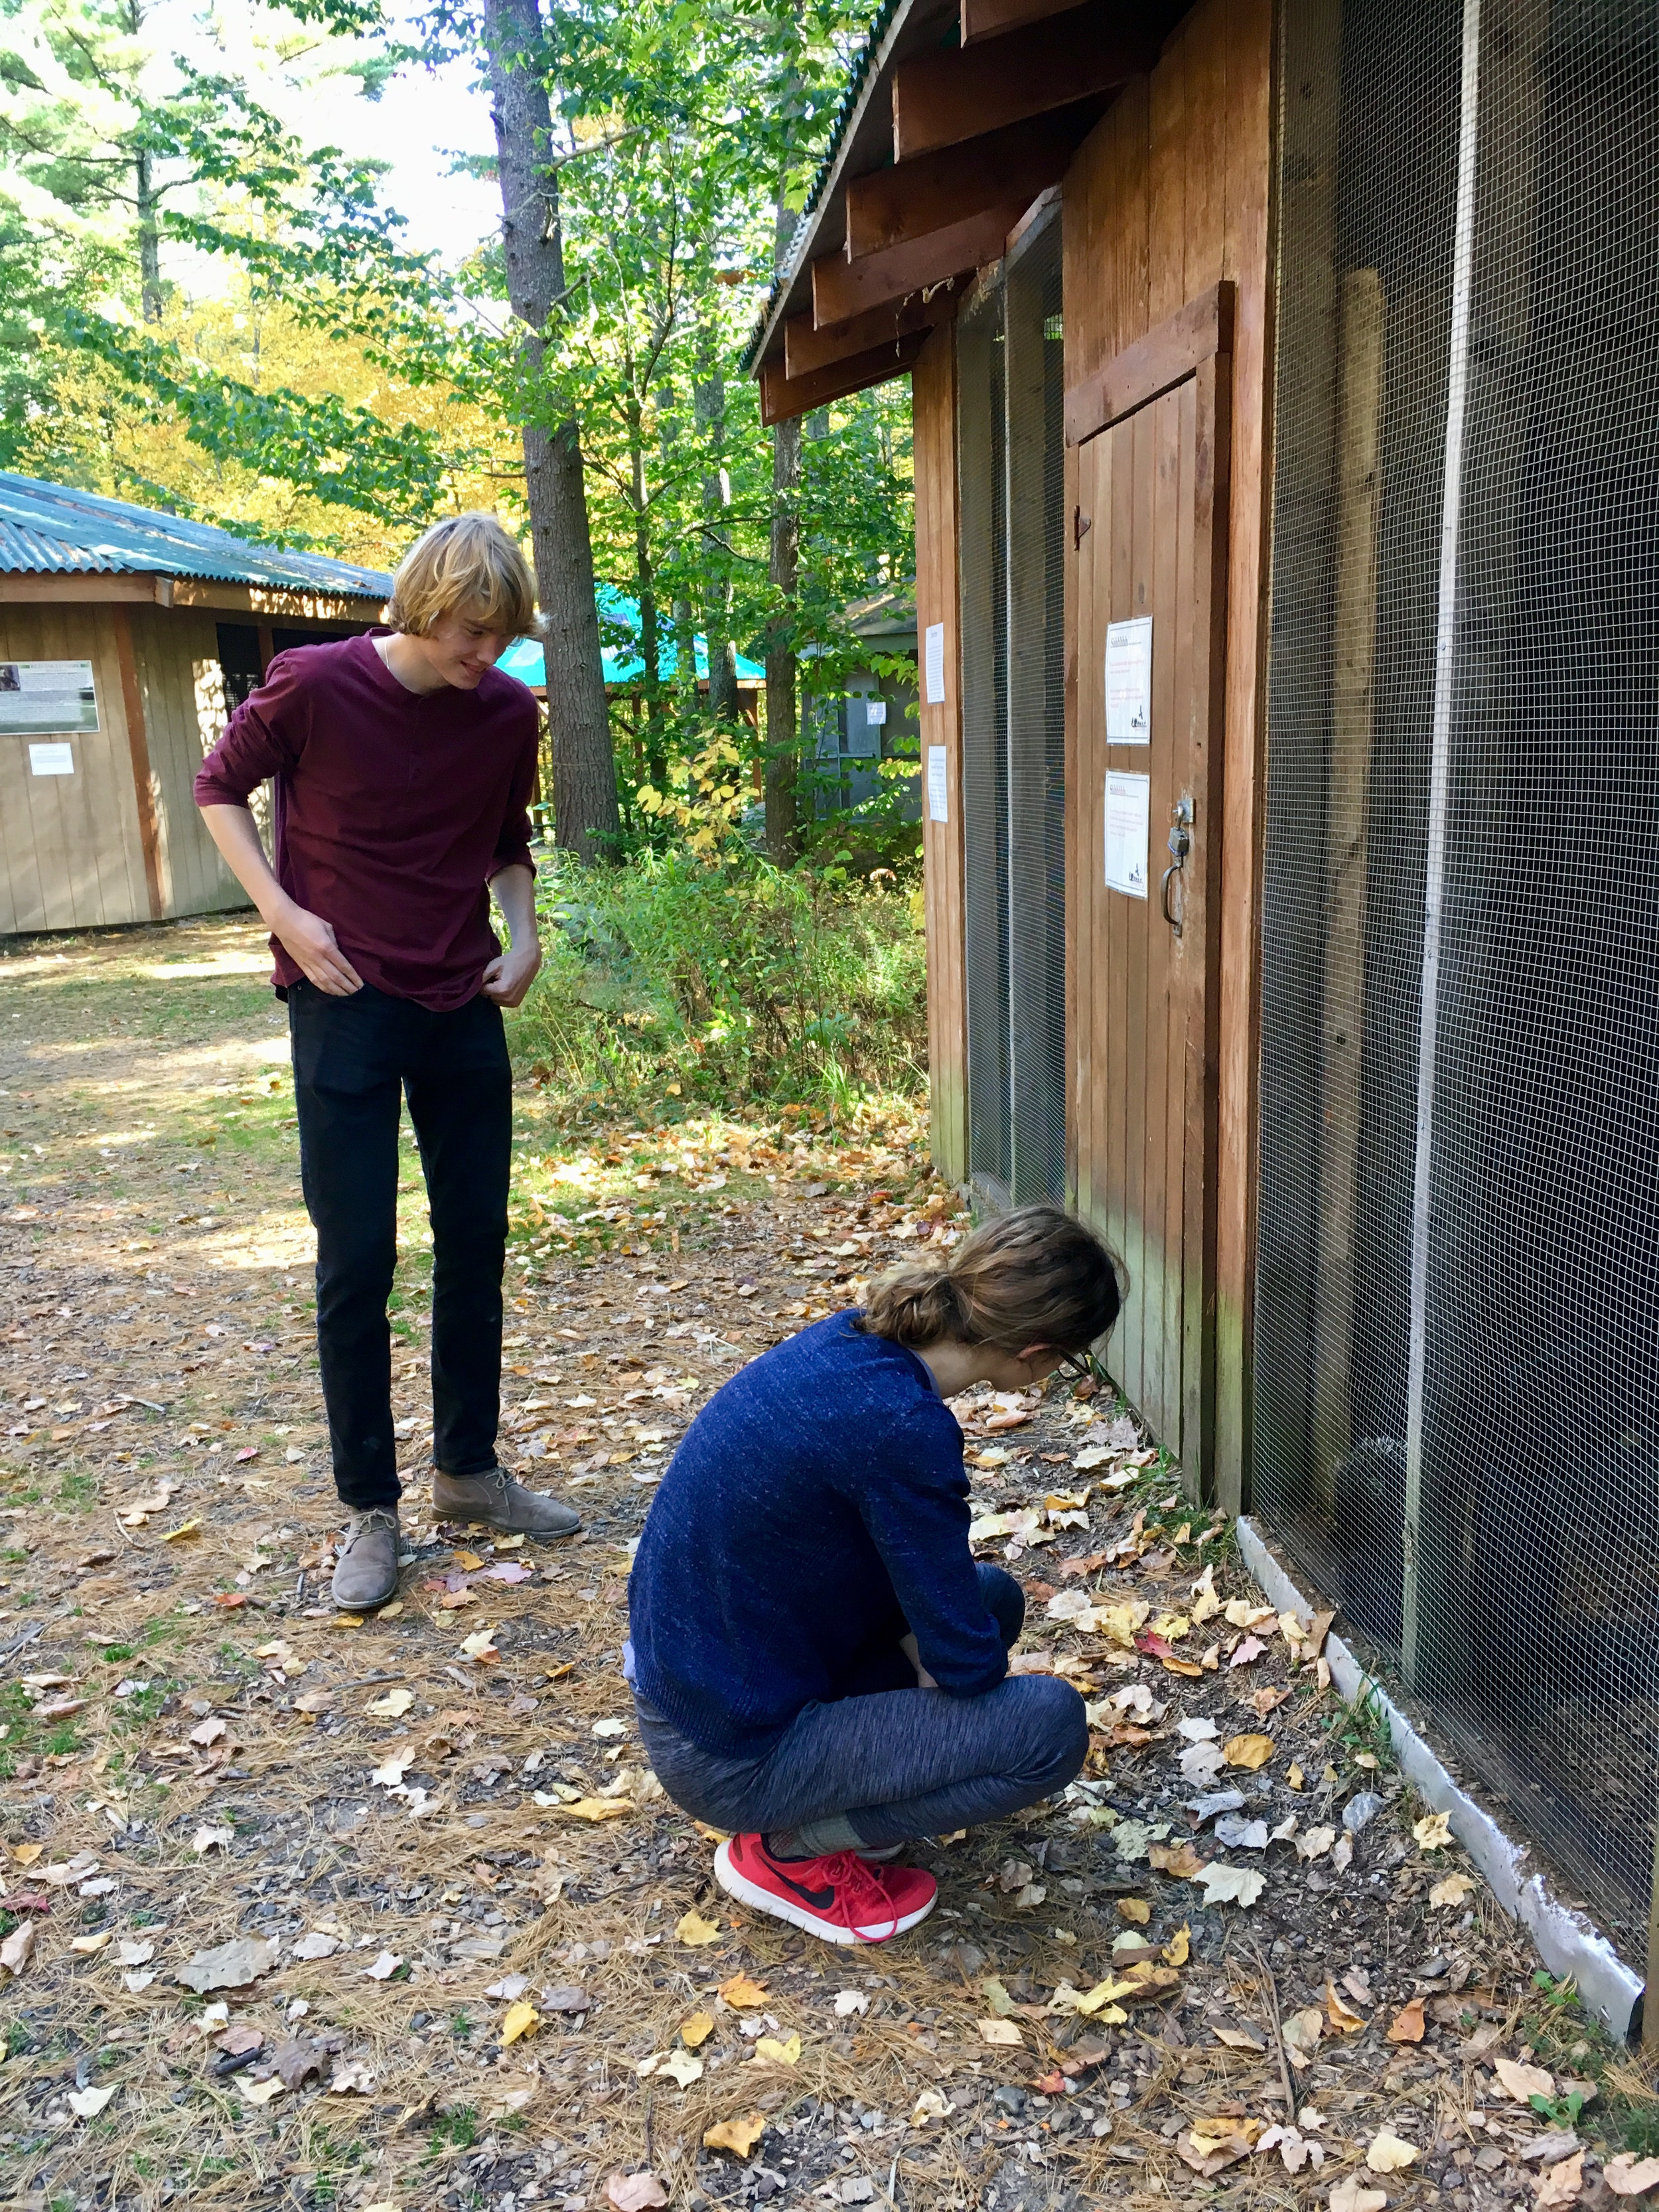 Brendan and Anna admire a porcupine